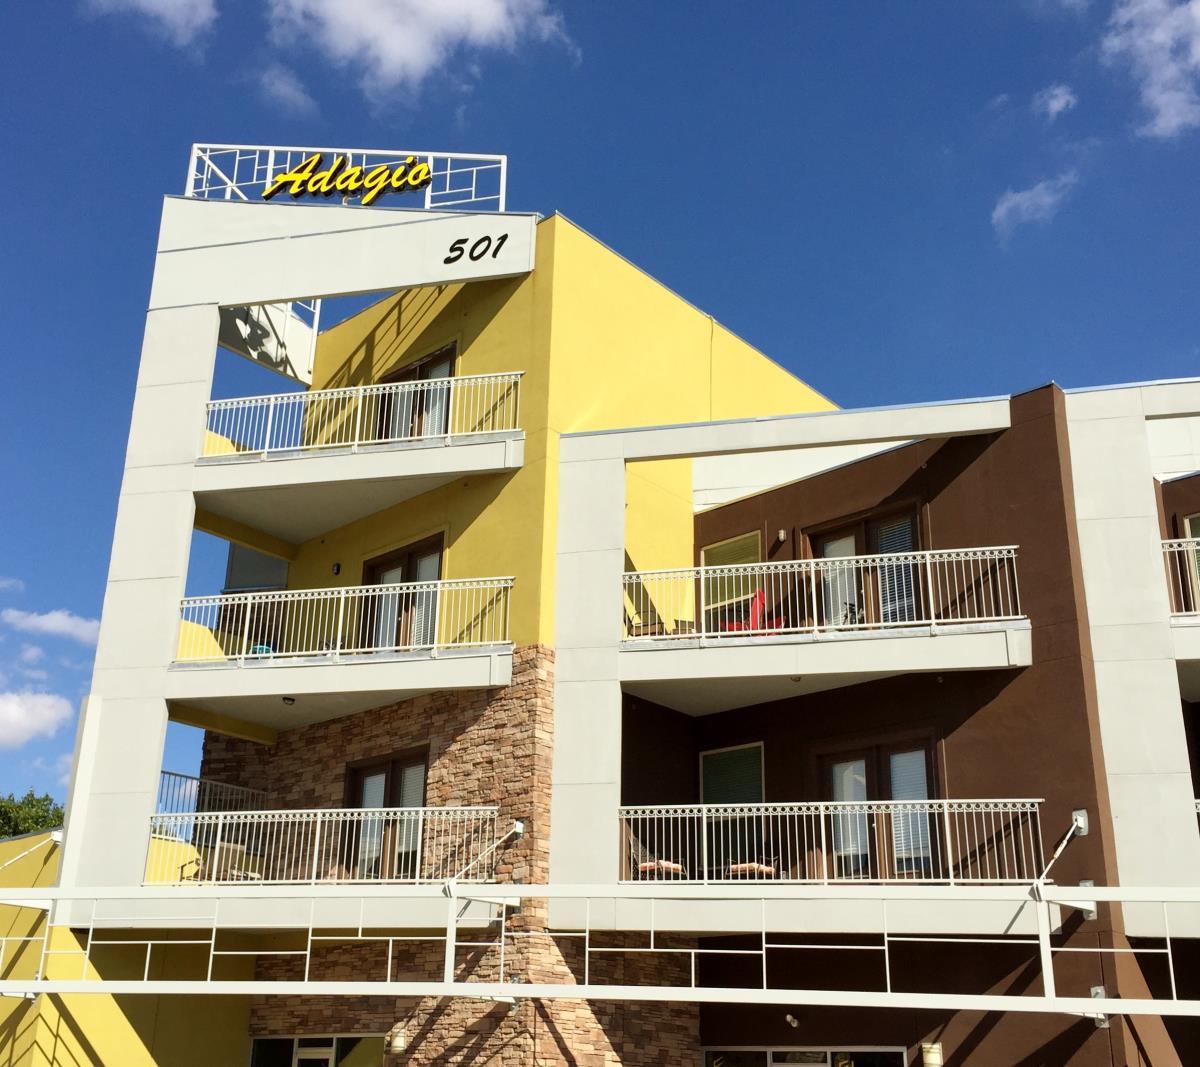 Adagio Apartments Denton TX